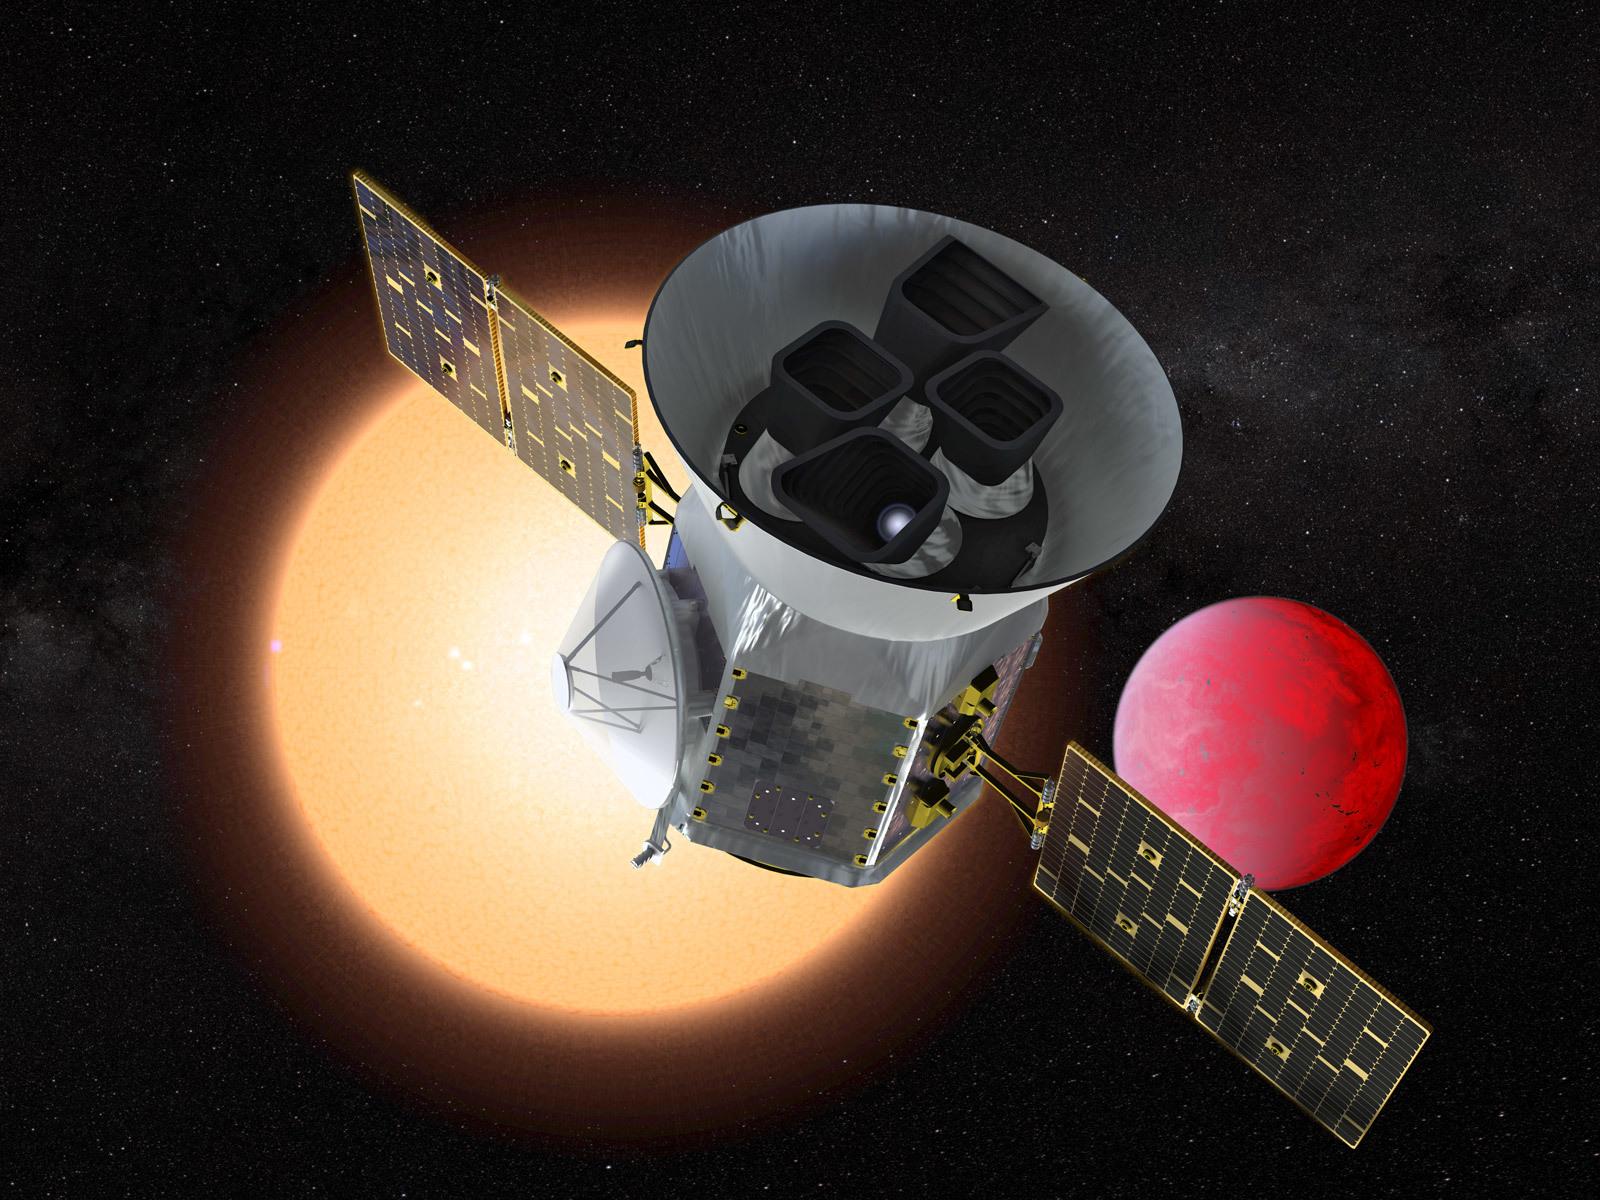 Найдена экзопланета, нарушающая законы астрофизики